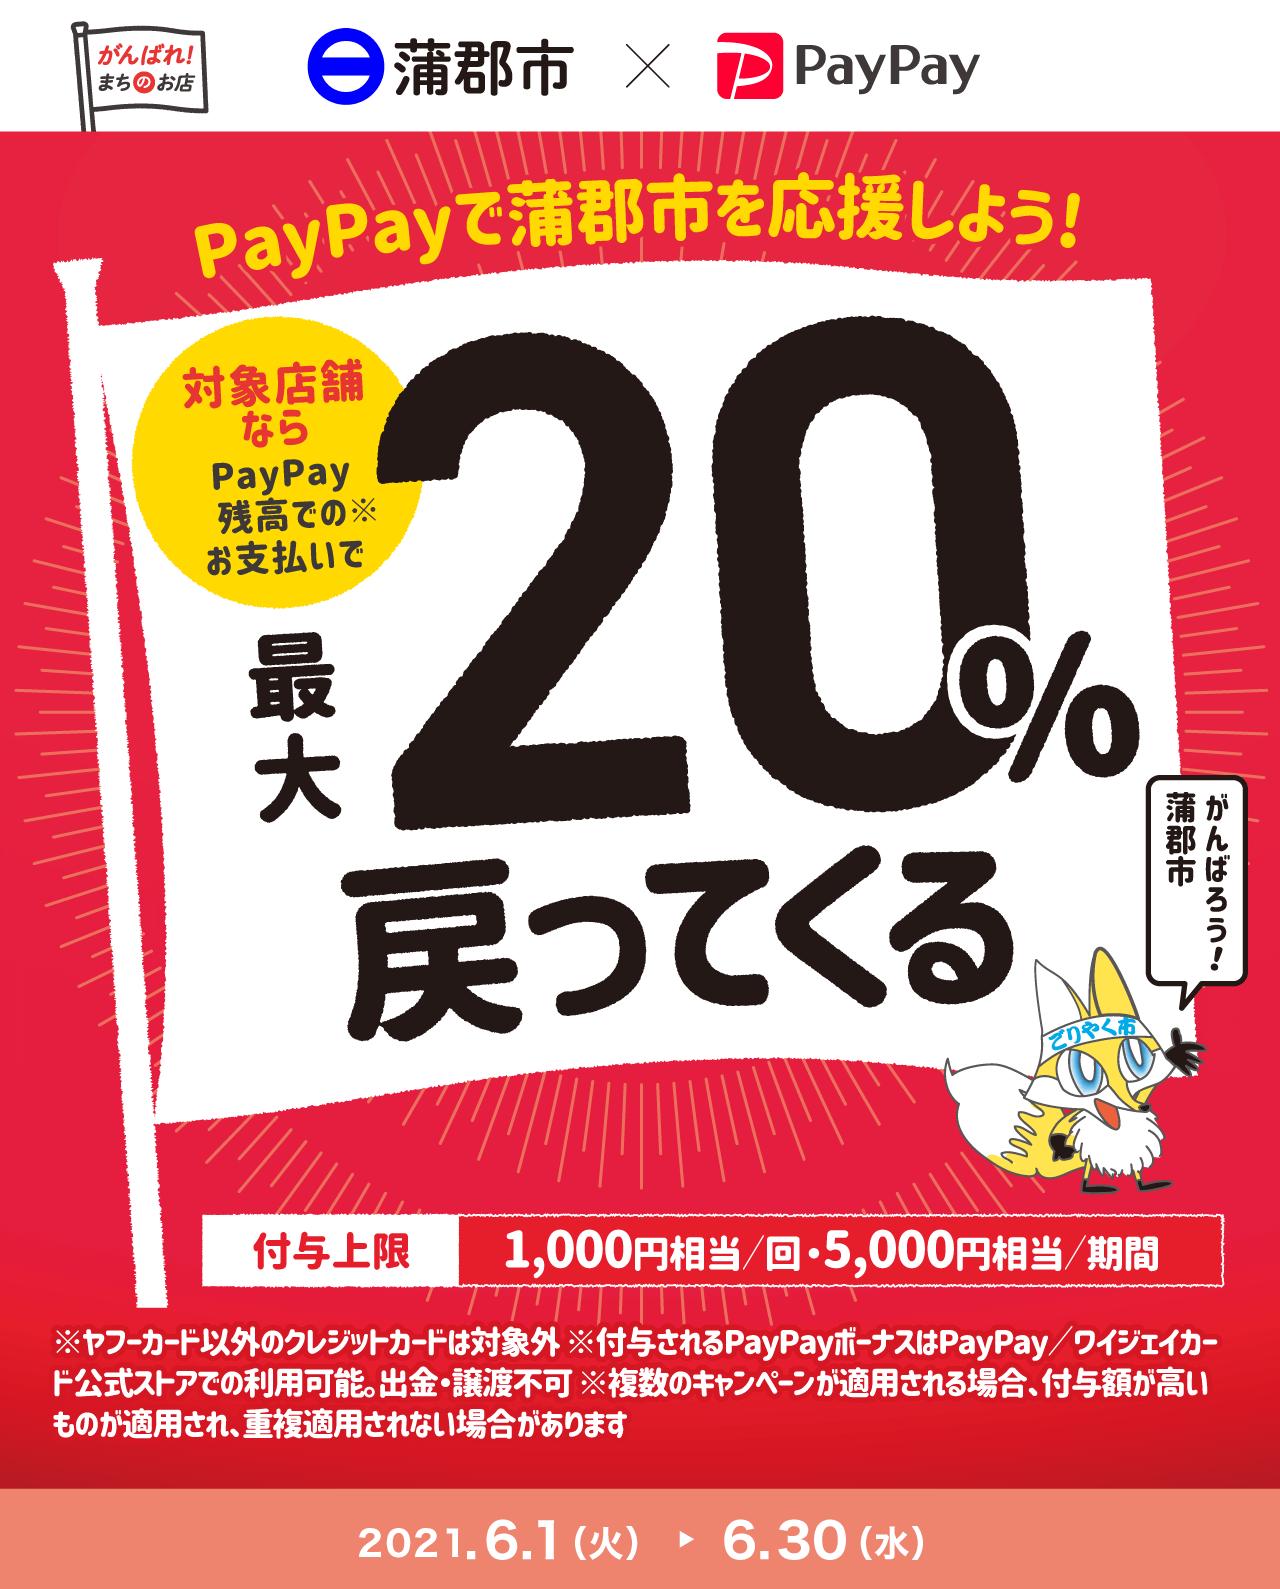 PayPayで蒲郡市を応援しよう! 対象店舗ならPayPay残高でのお支払いで最大20%戻ってくる